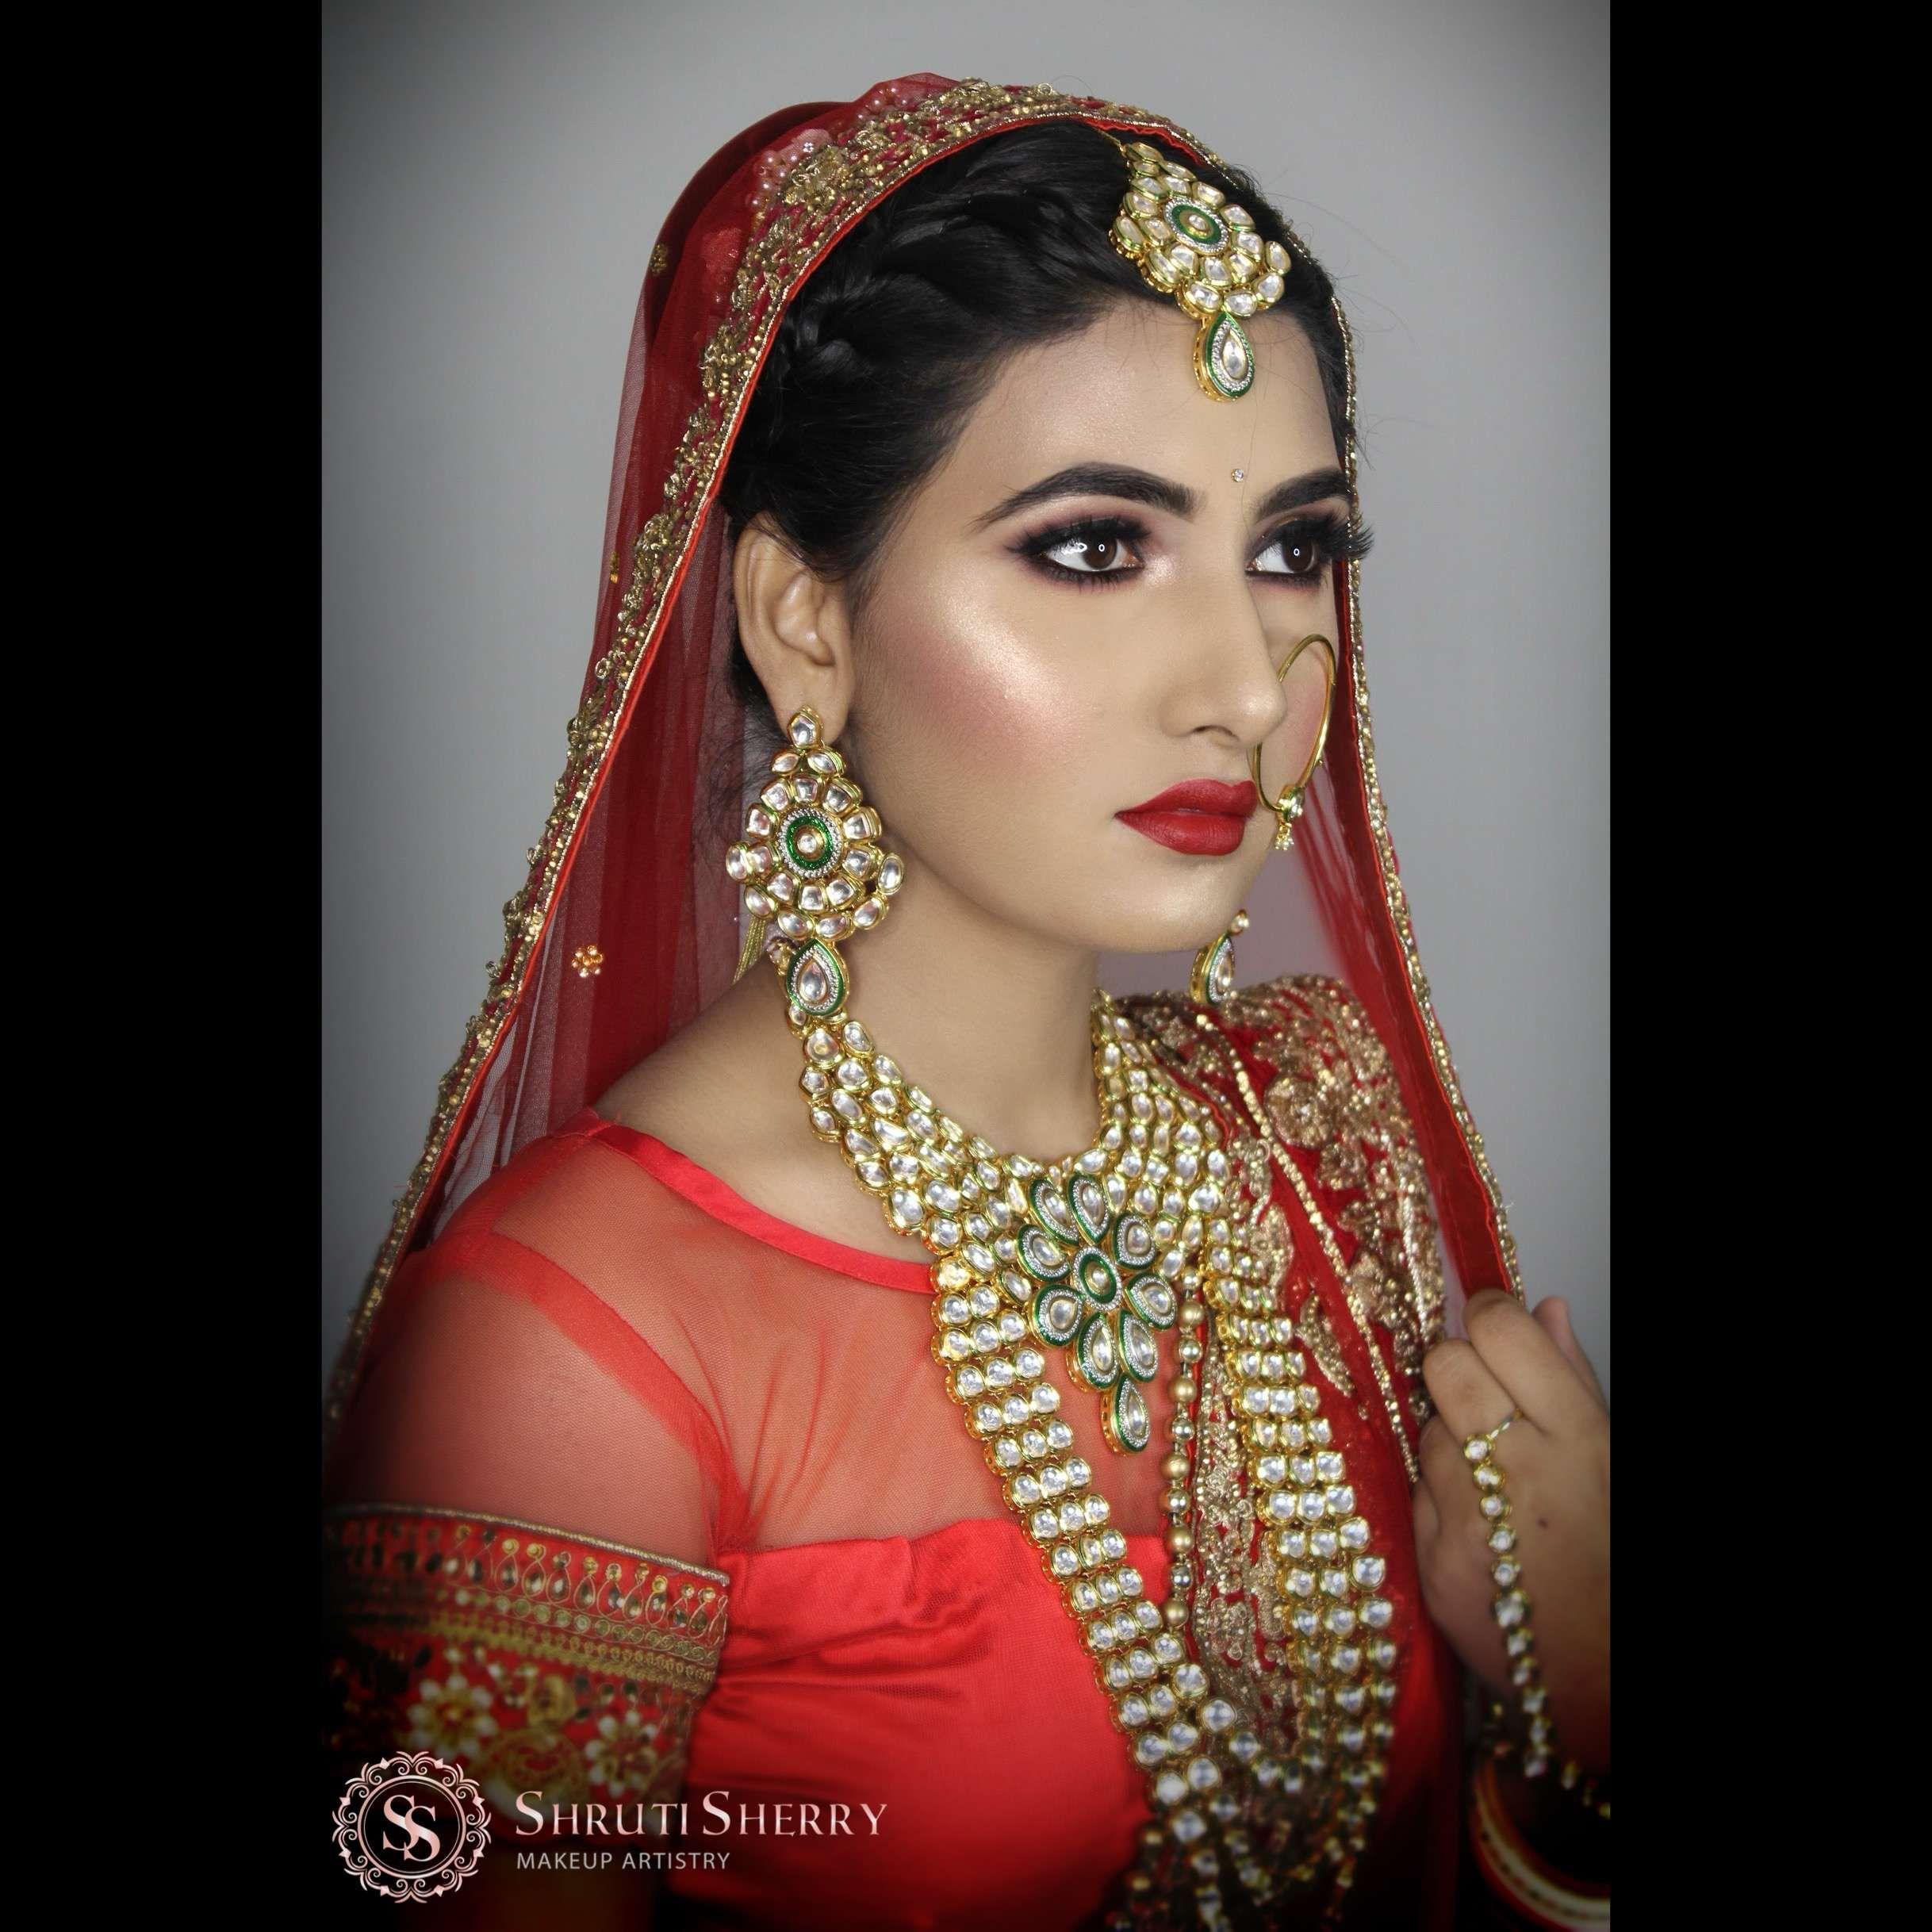 Shruti Sherry Makeup Artistry Photos Reviews Contact Info